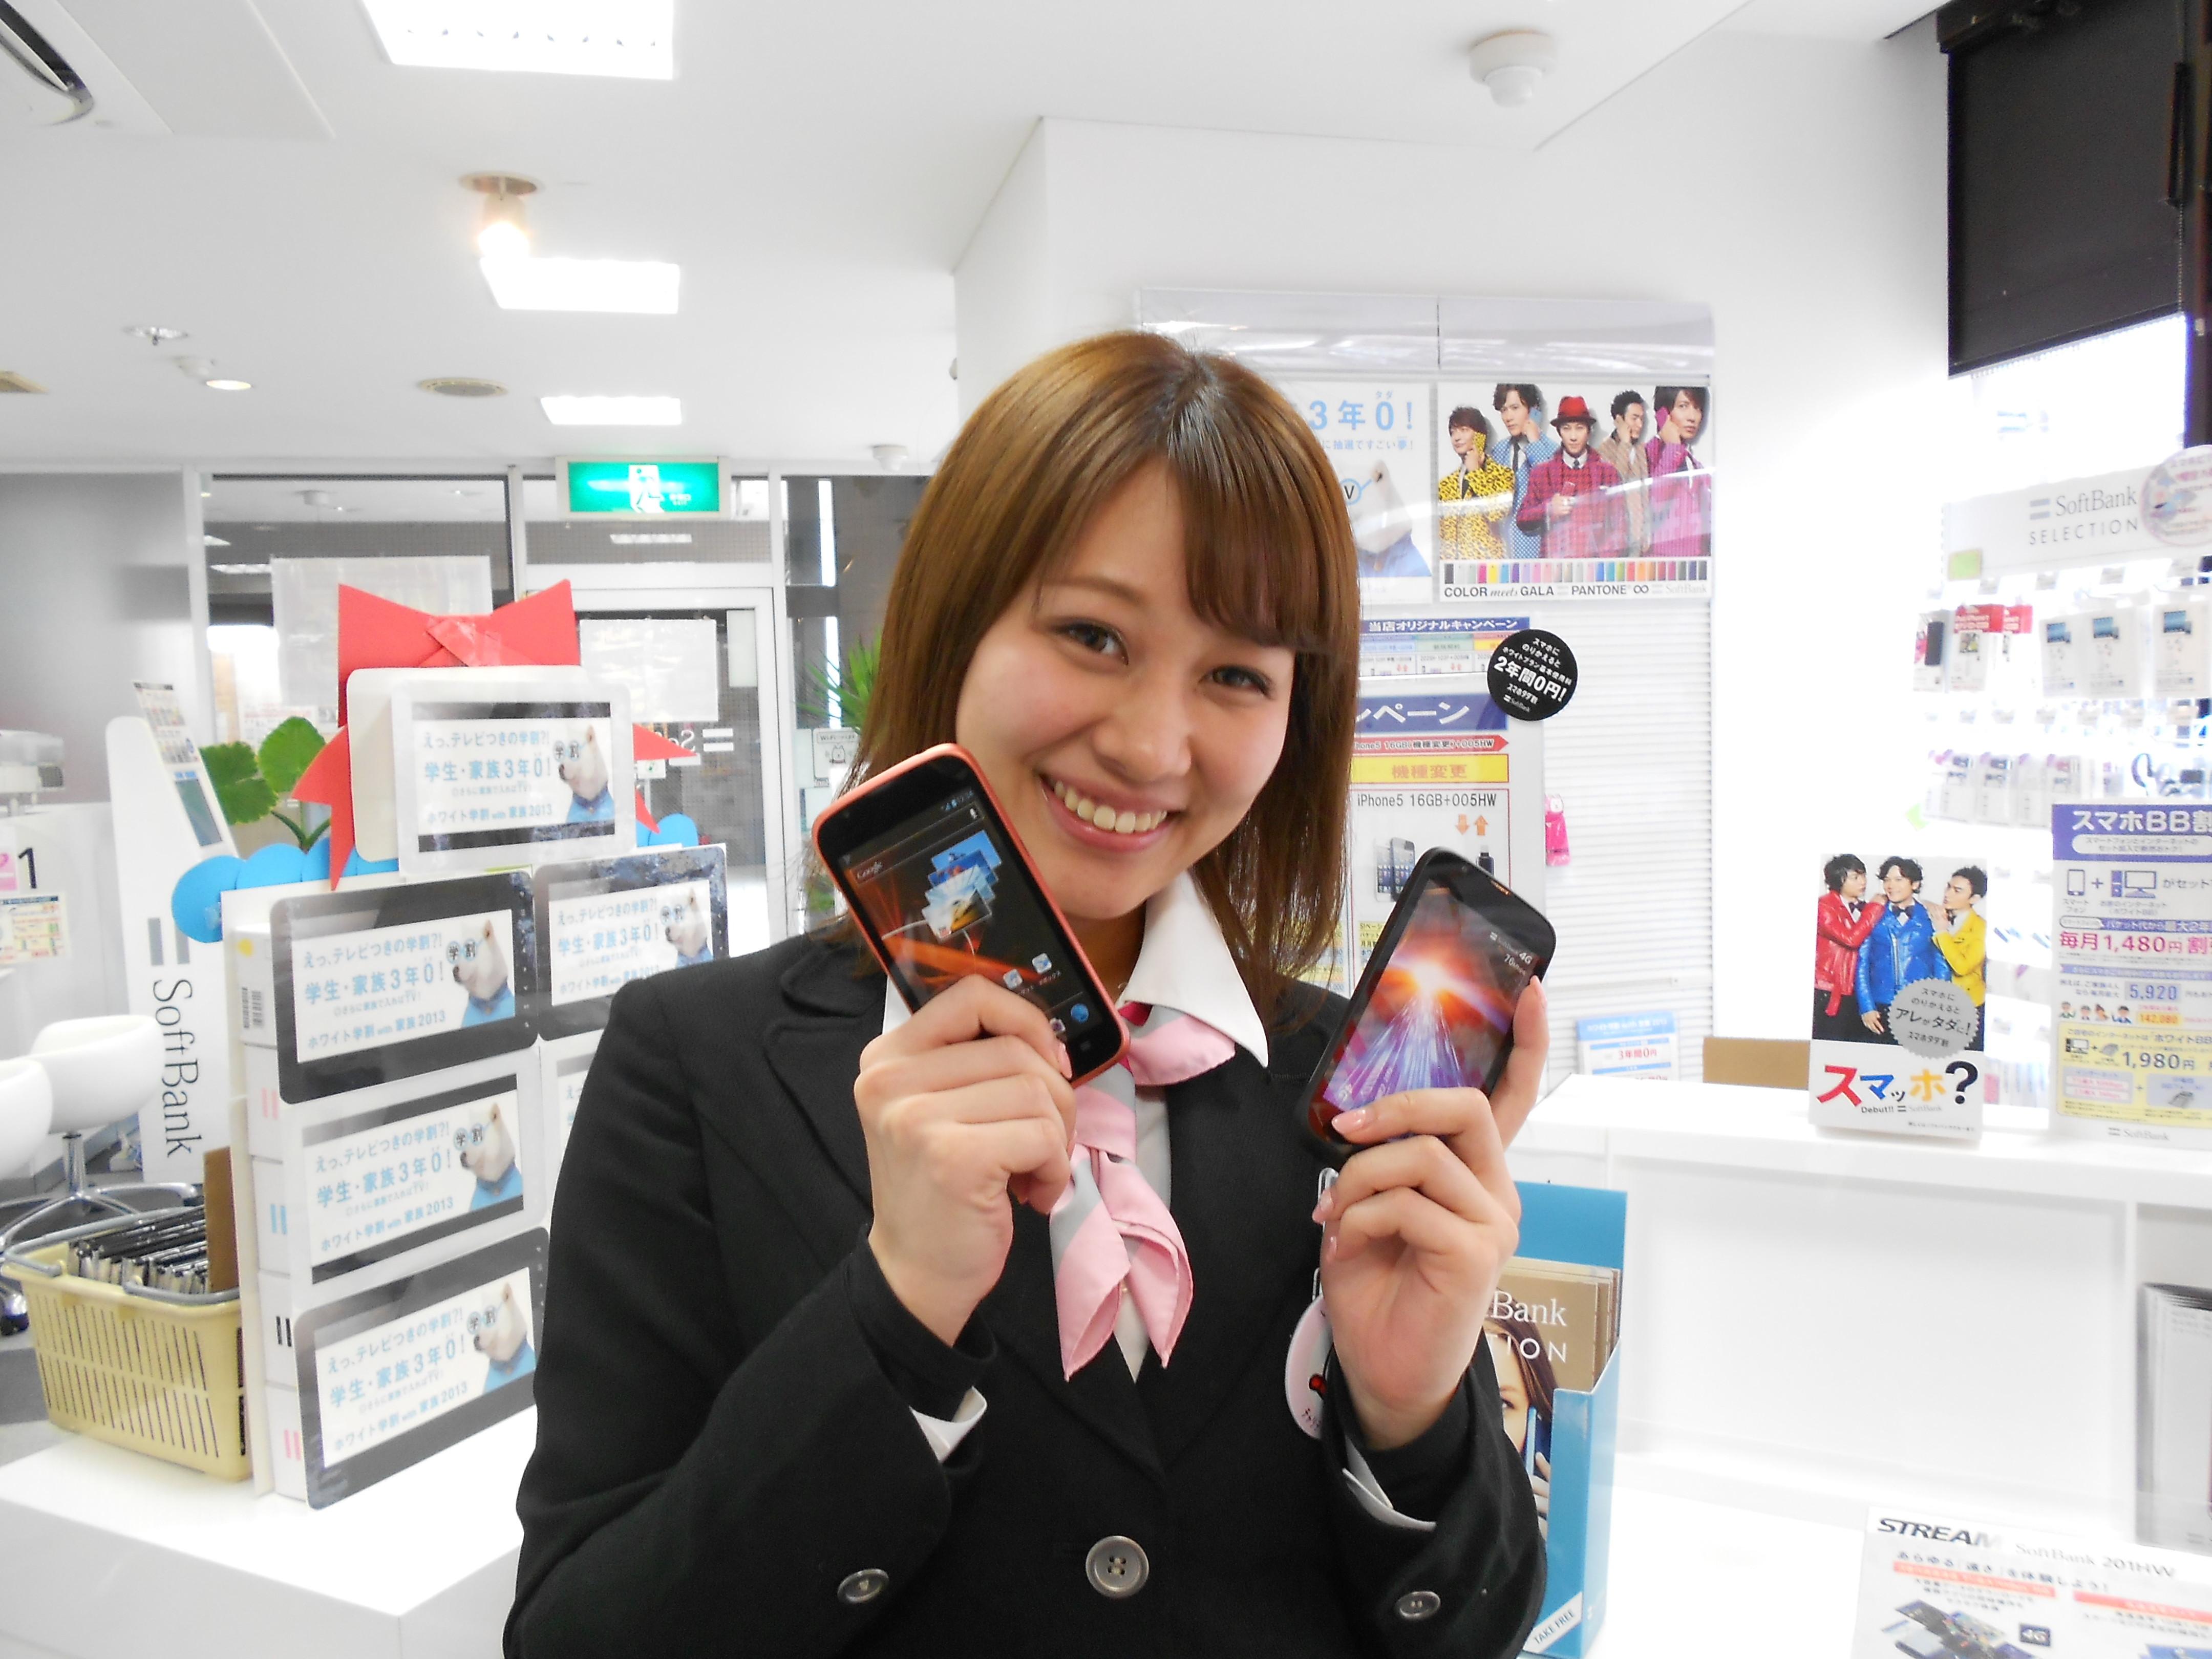 ワイモバイル アドバンスモール松阪(株式会社シエロ)のアルバイト情報